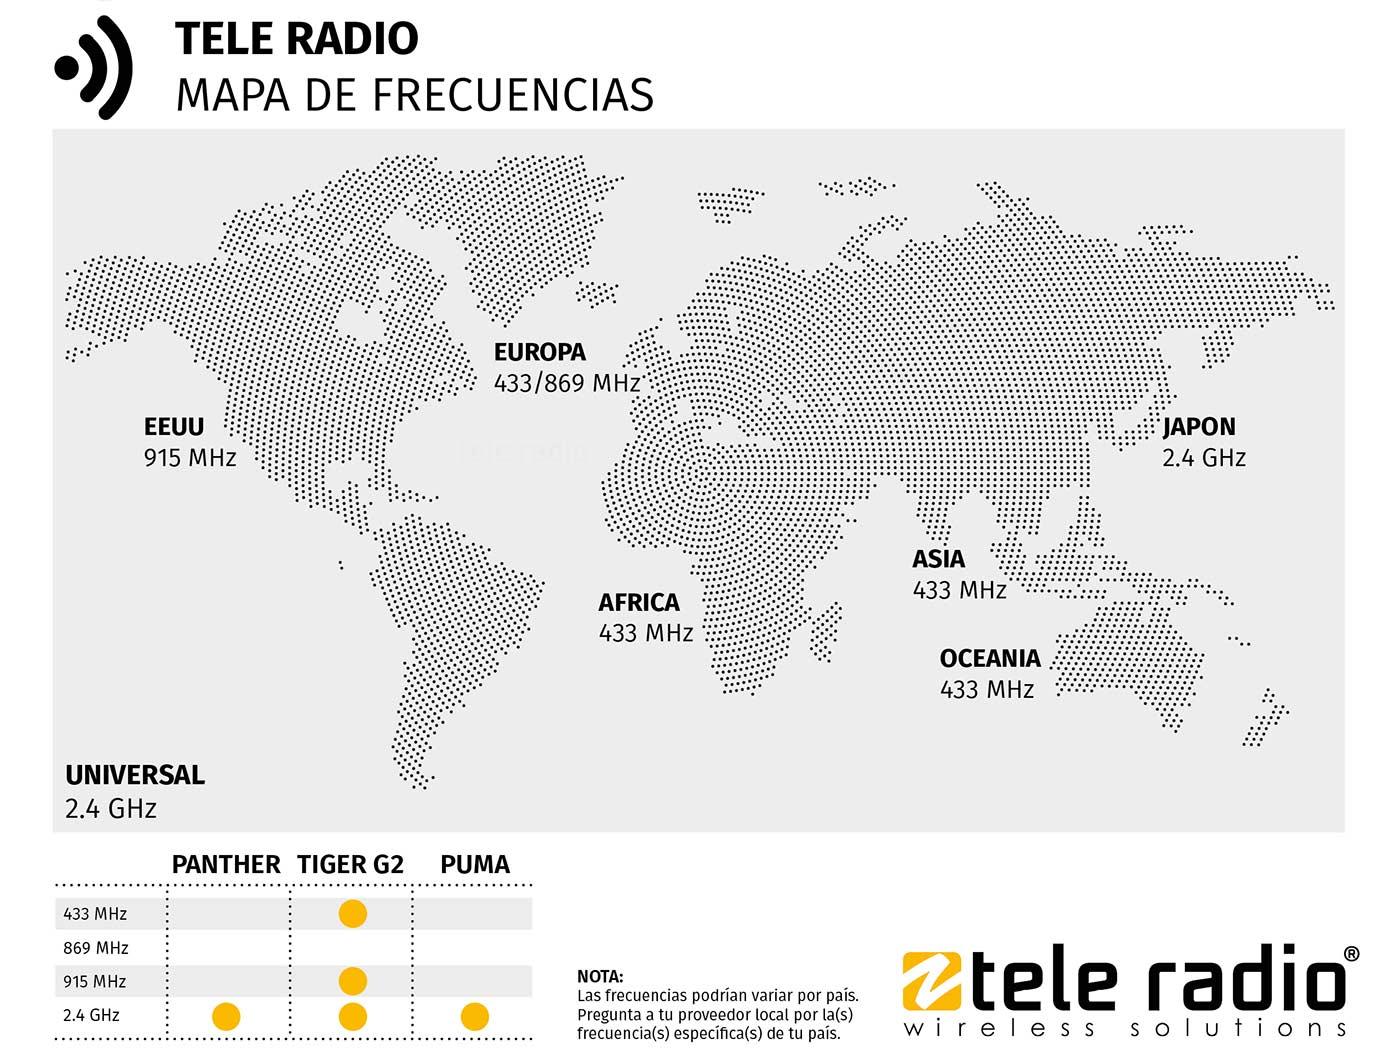 Mapa con las distintas radio frecuencias utilizadas en el ámbito industrial en el mundo